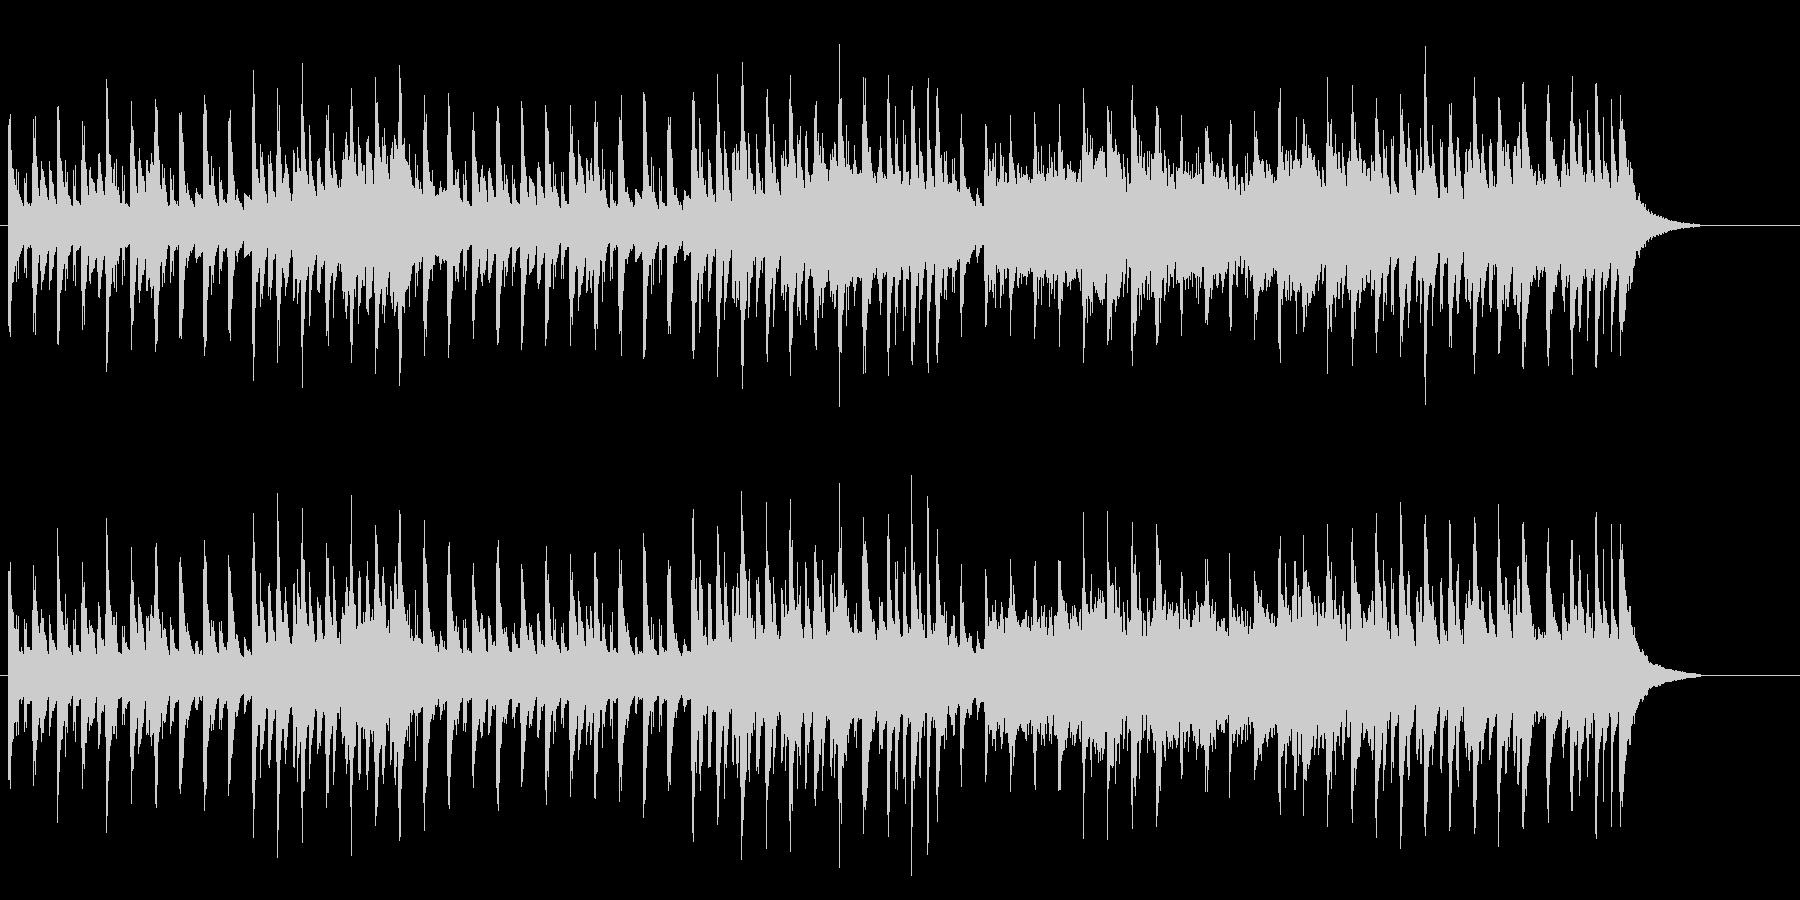 ヨーロピアンカラーのポップスの未再生の波形